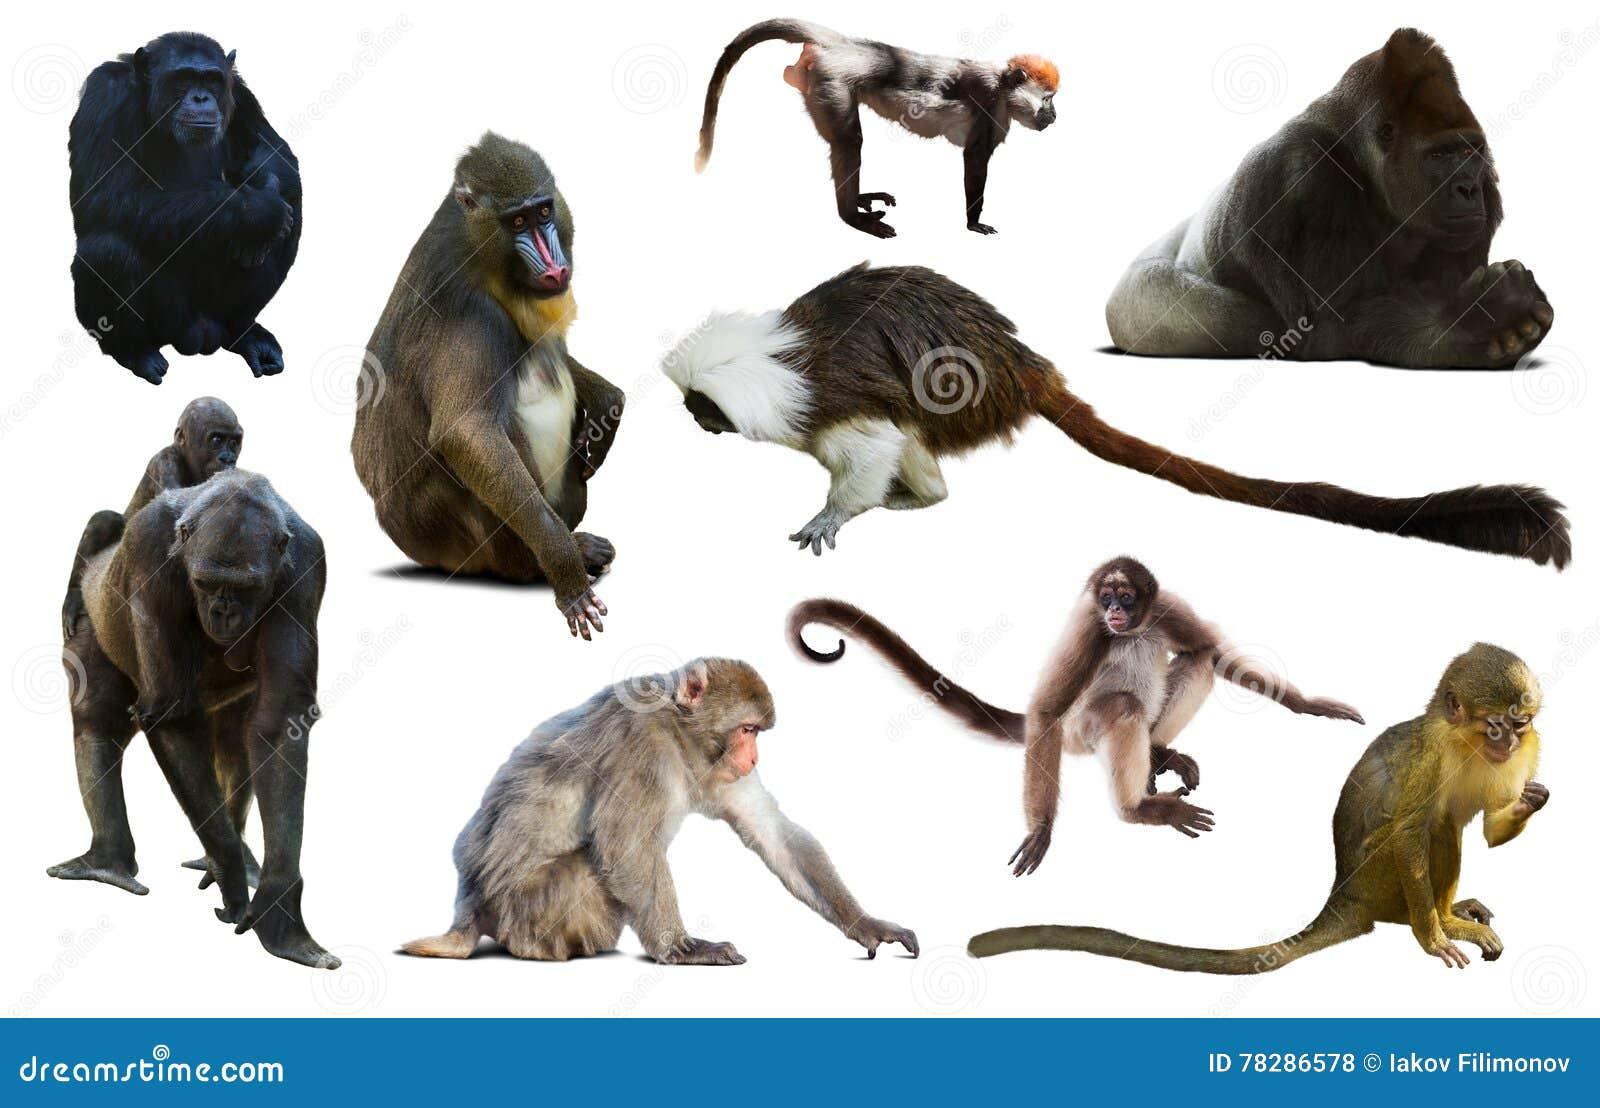 Ensemble de primats